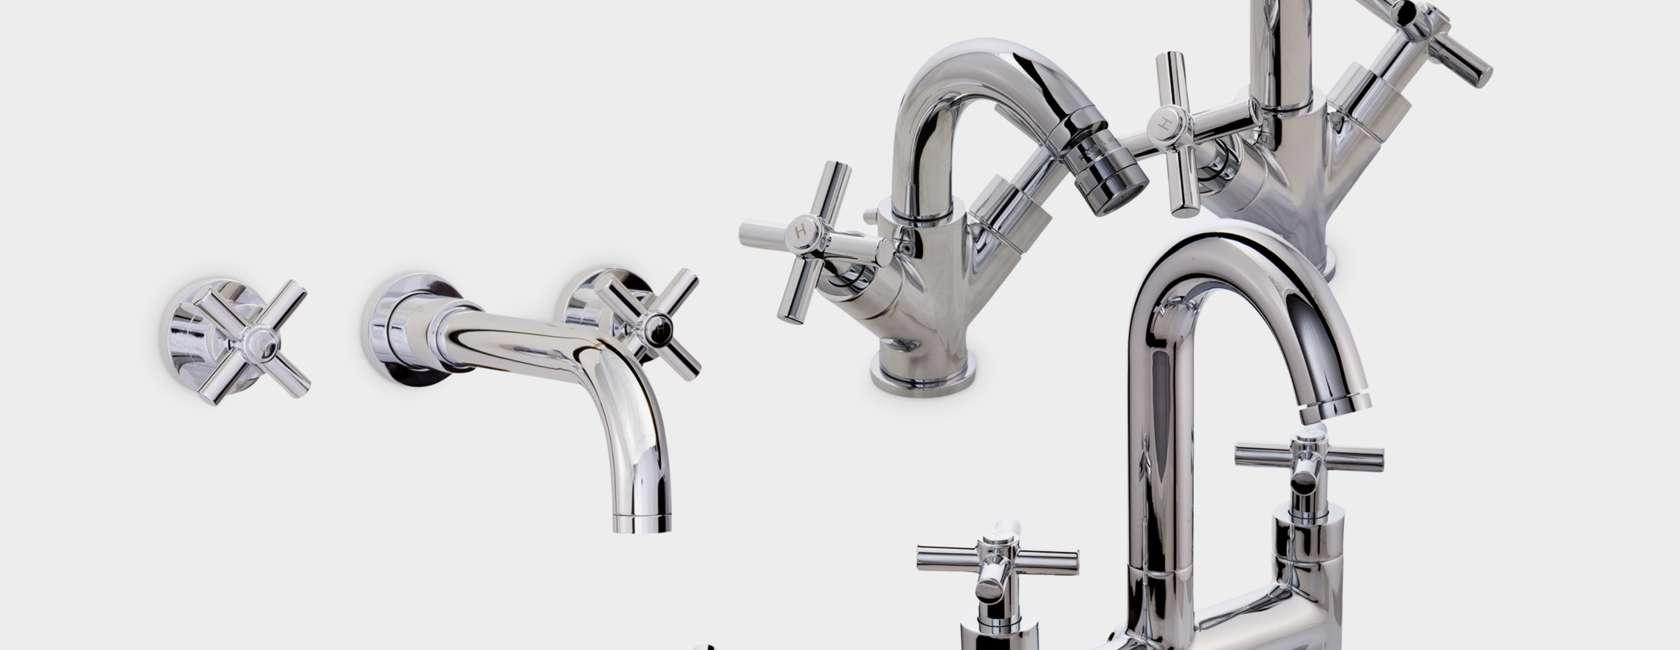 John Lewis Arun Bathroom Taps Range at John Lewis